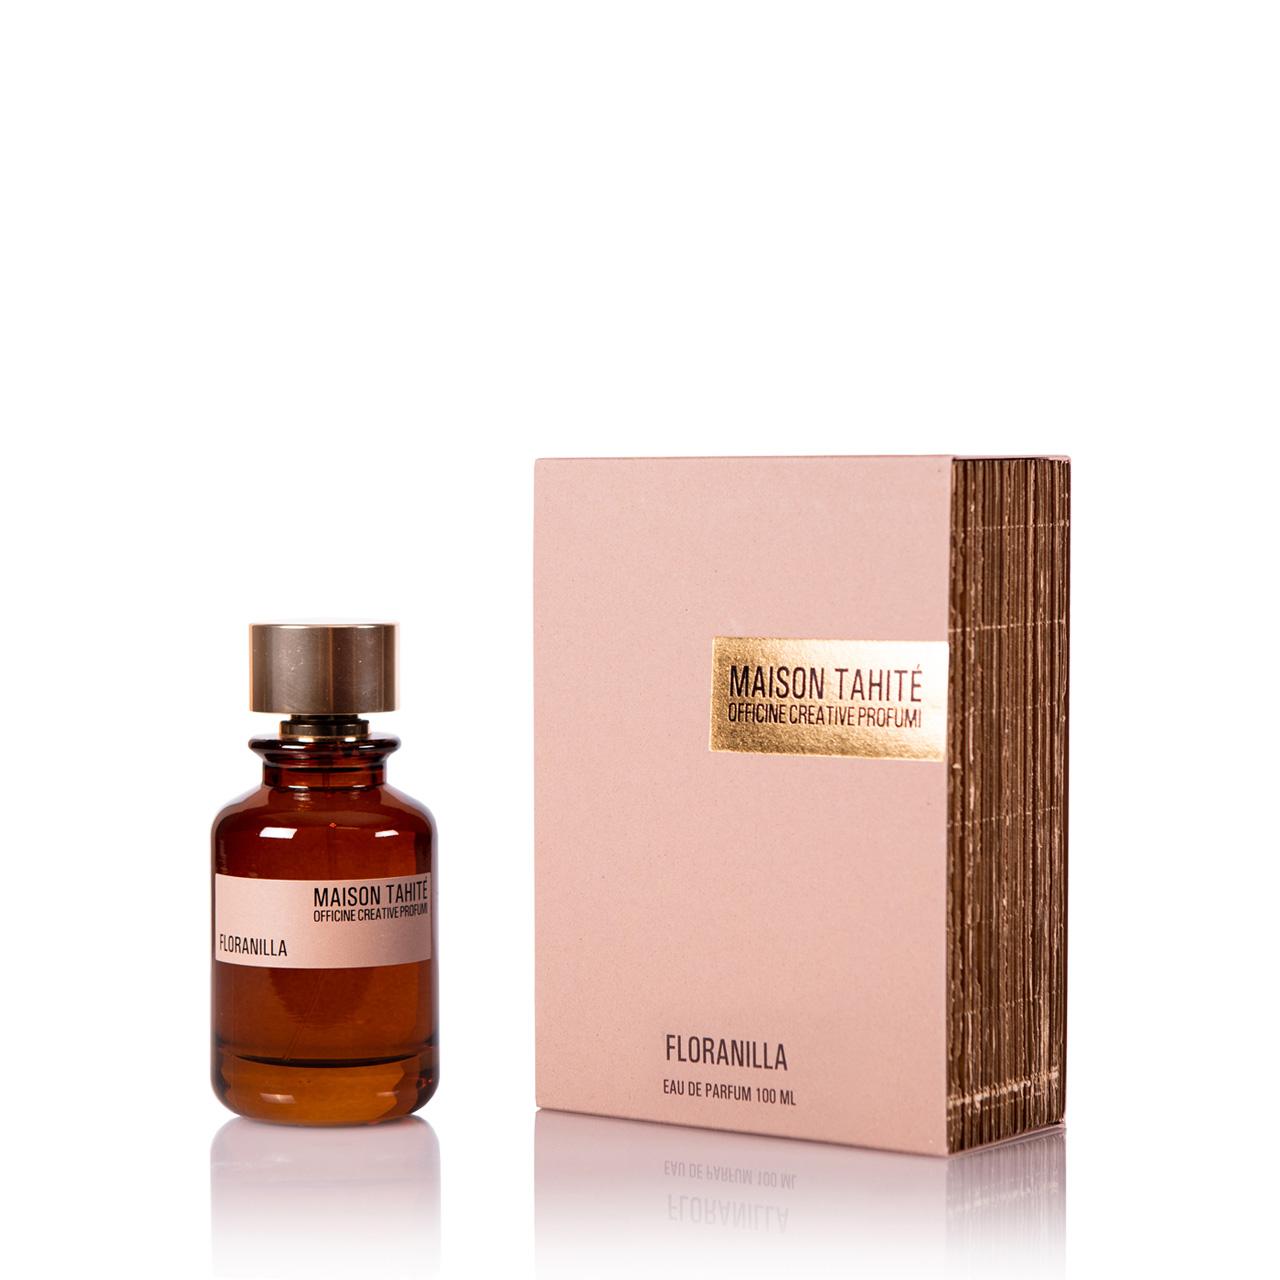 Floranilla - Eau de Parfum